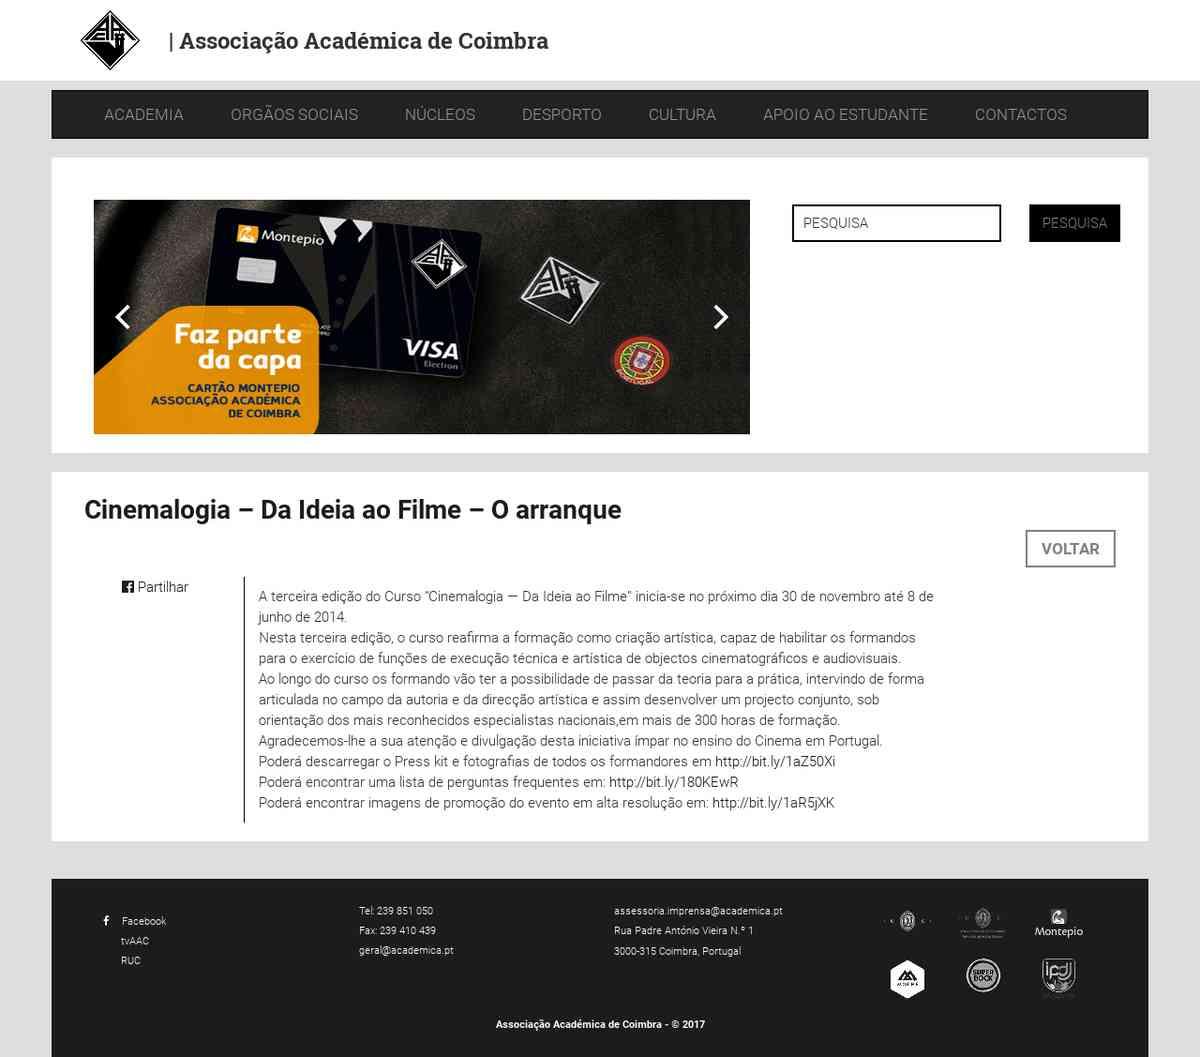 Cinemalogia – Da Ideia ao Filme – O arranque | Associação Académica de Coimbra